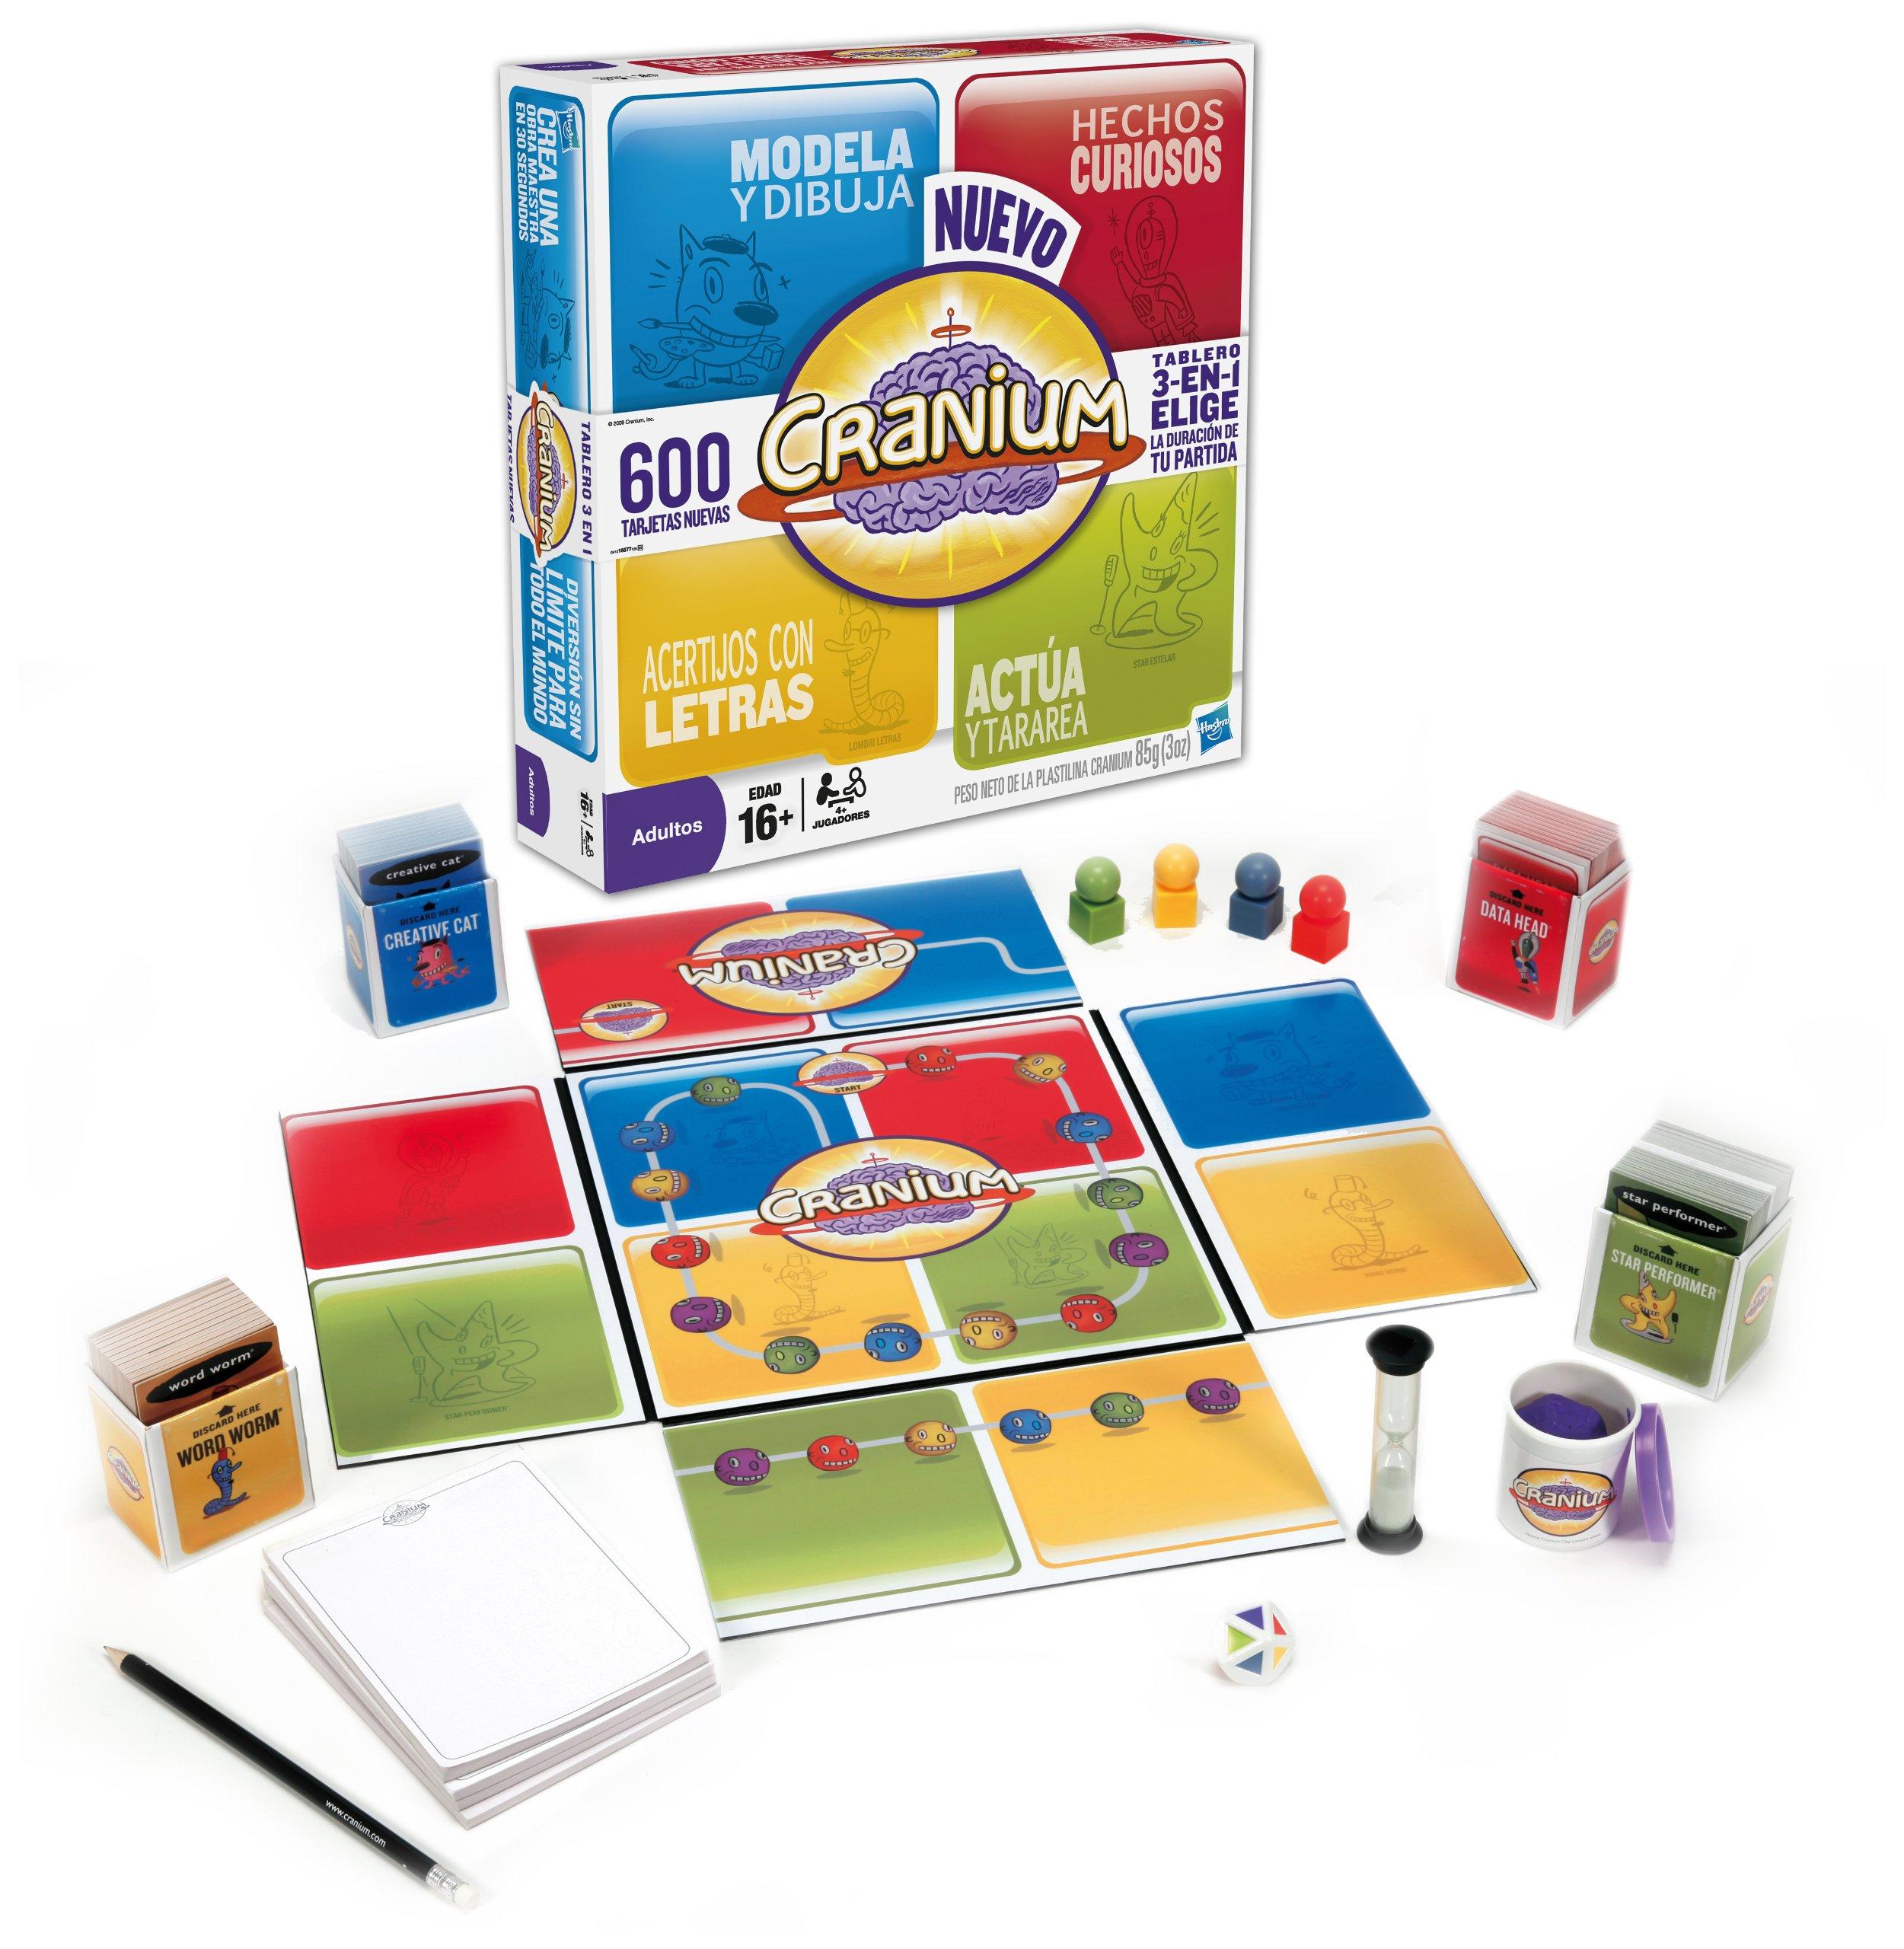 Hasbro Juegos de Adultos Cranium 2ª Edicion 16577105: Amazon.es: Juguetes y juegos